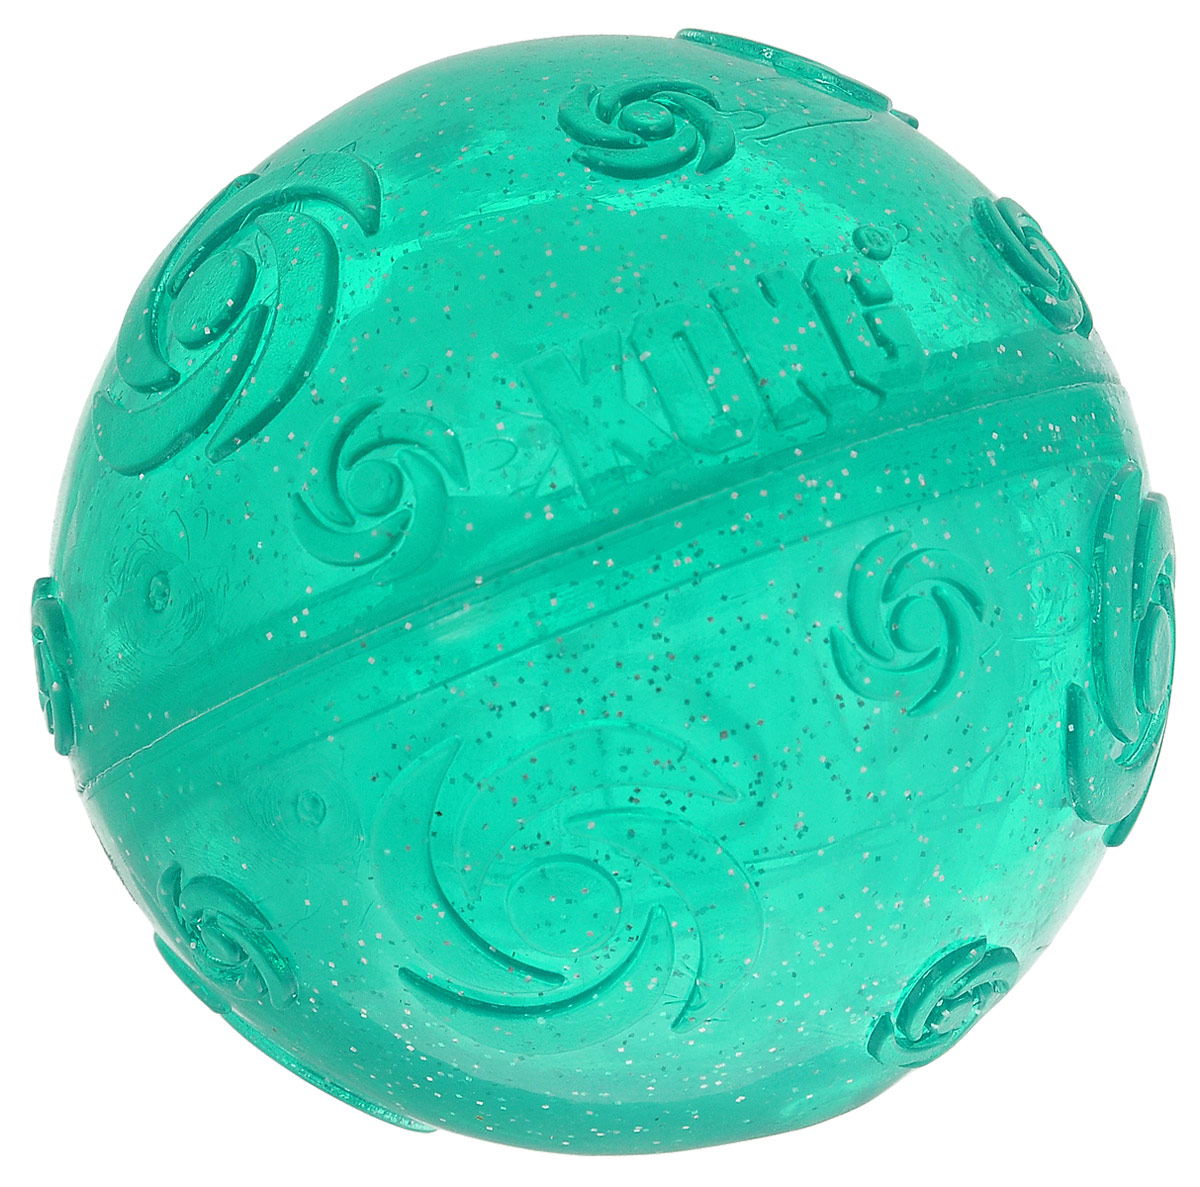 Игрушка для собак Kong Squezz Crackle, хрустящий мячик, цвет: зеленый, диаметр 7 см